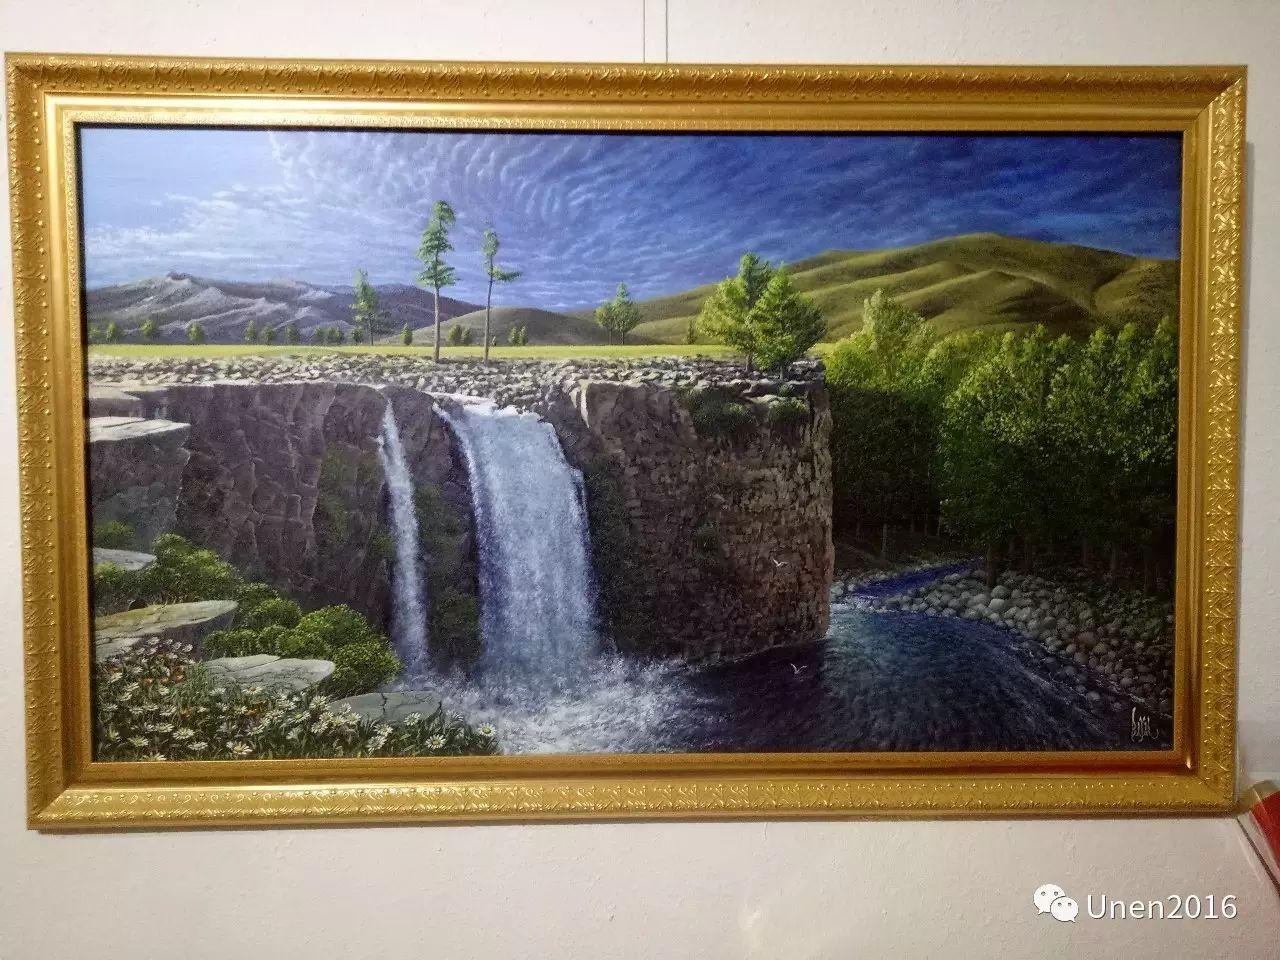 【Unen】美术:蒙古国青年画家巴雅尔的油画作品 第15张